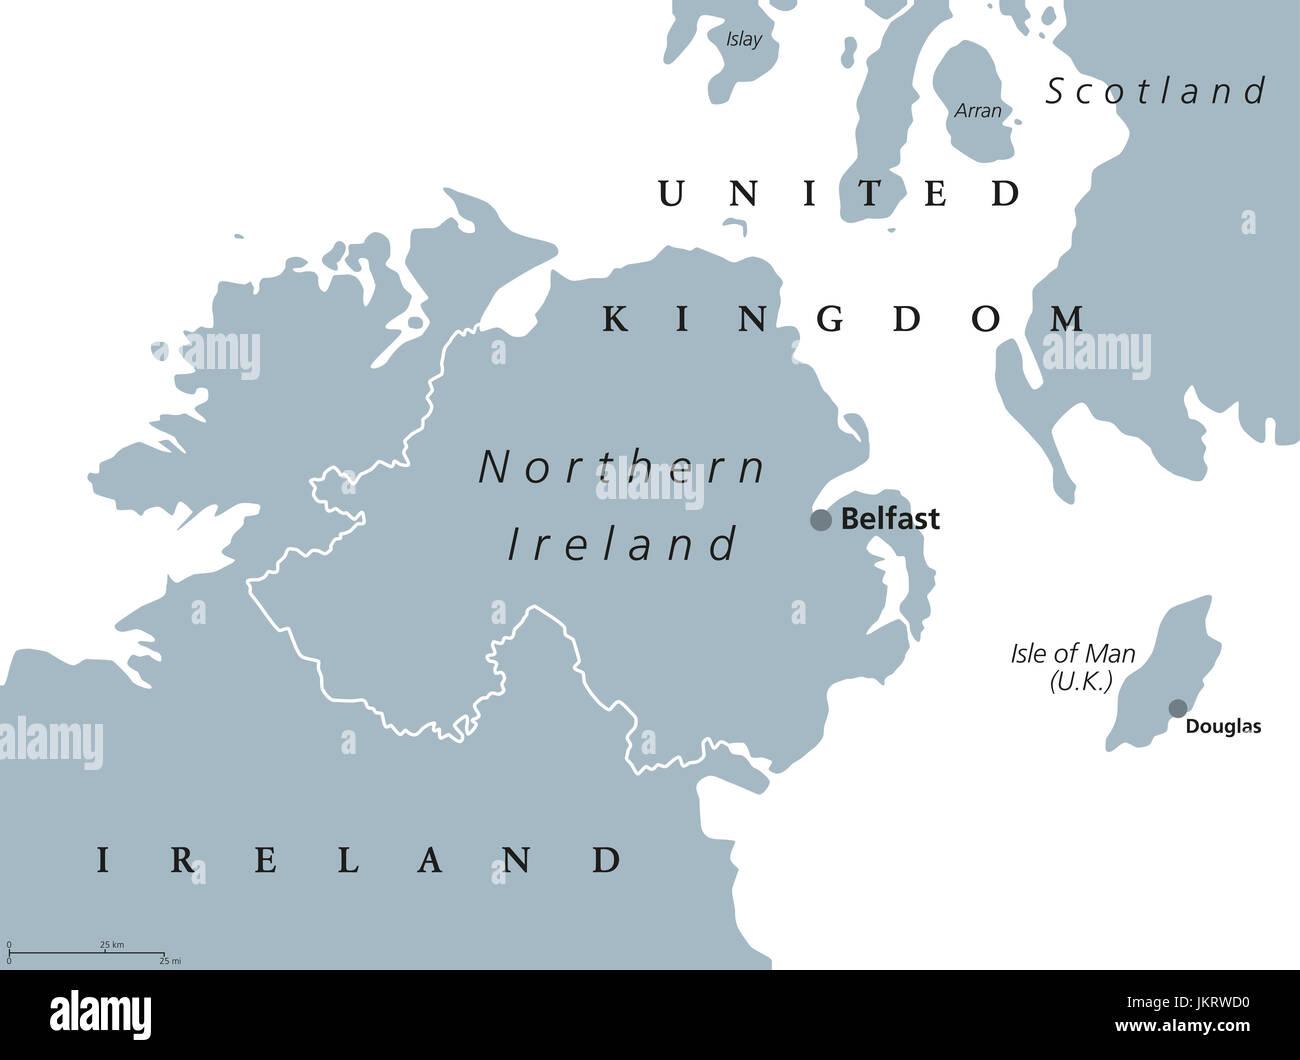 Irlanda Del Nord Cartina.Irlanda Del Nord Mappa Politico Con Capitale Belfast Paese Del Regno Unito Nel Nord Est Dell Isola D Irlanda Illustrazione Di Grigio Foto Stock Alamy